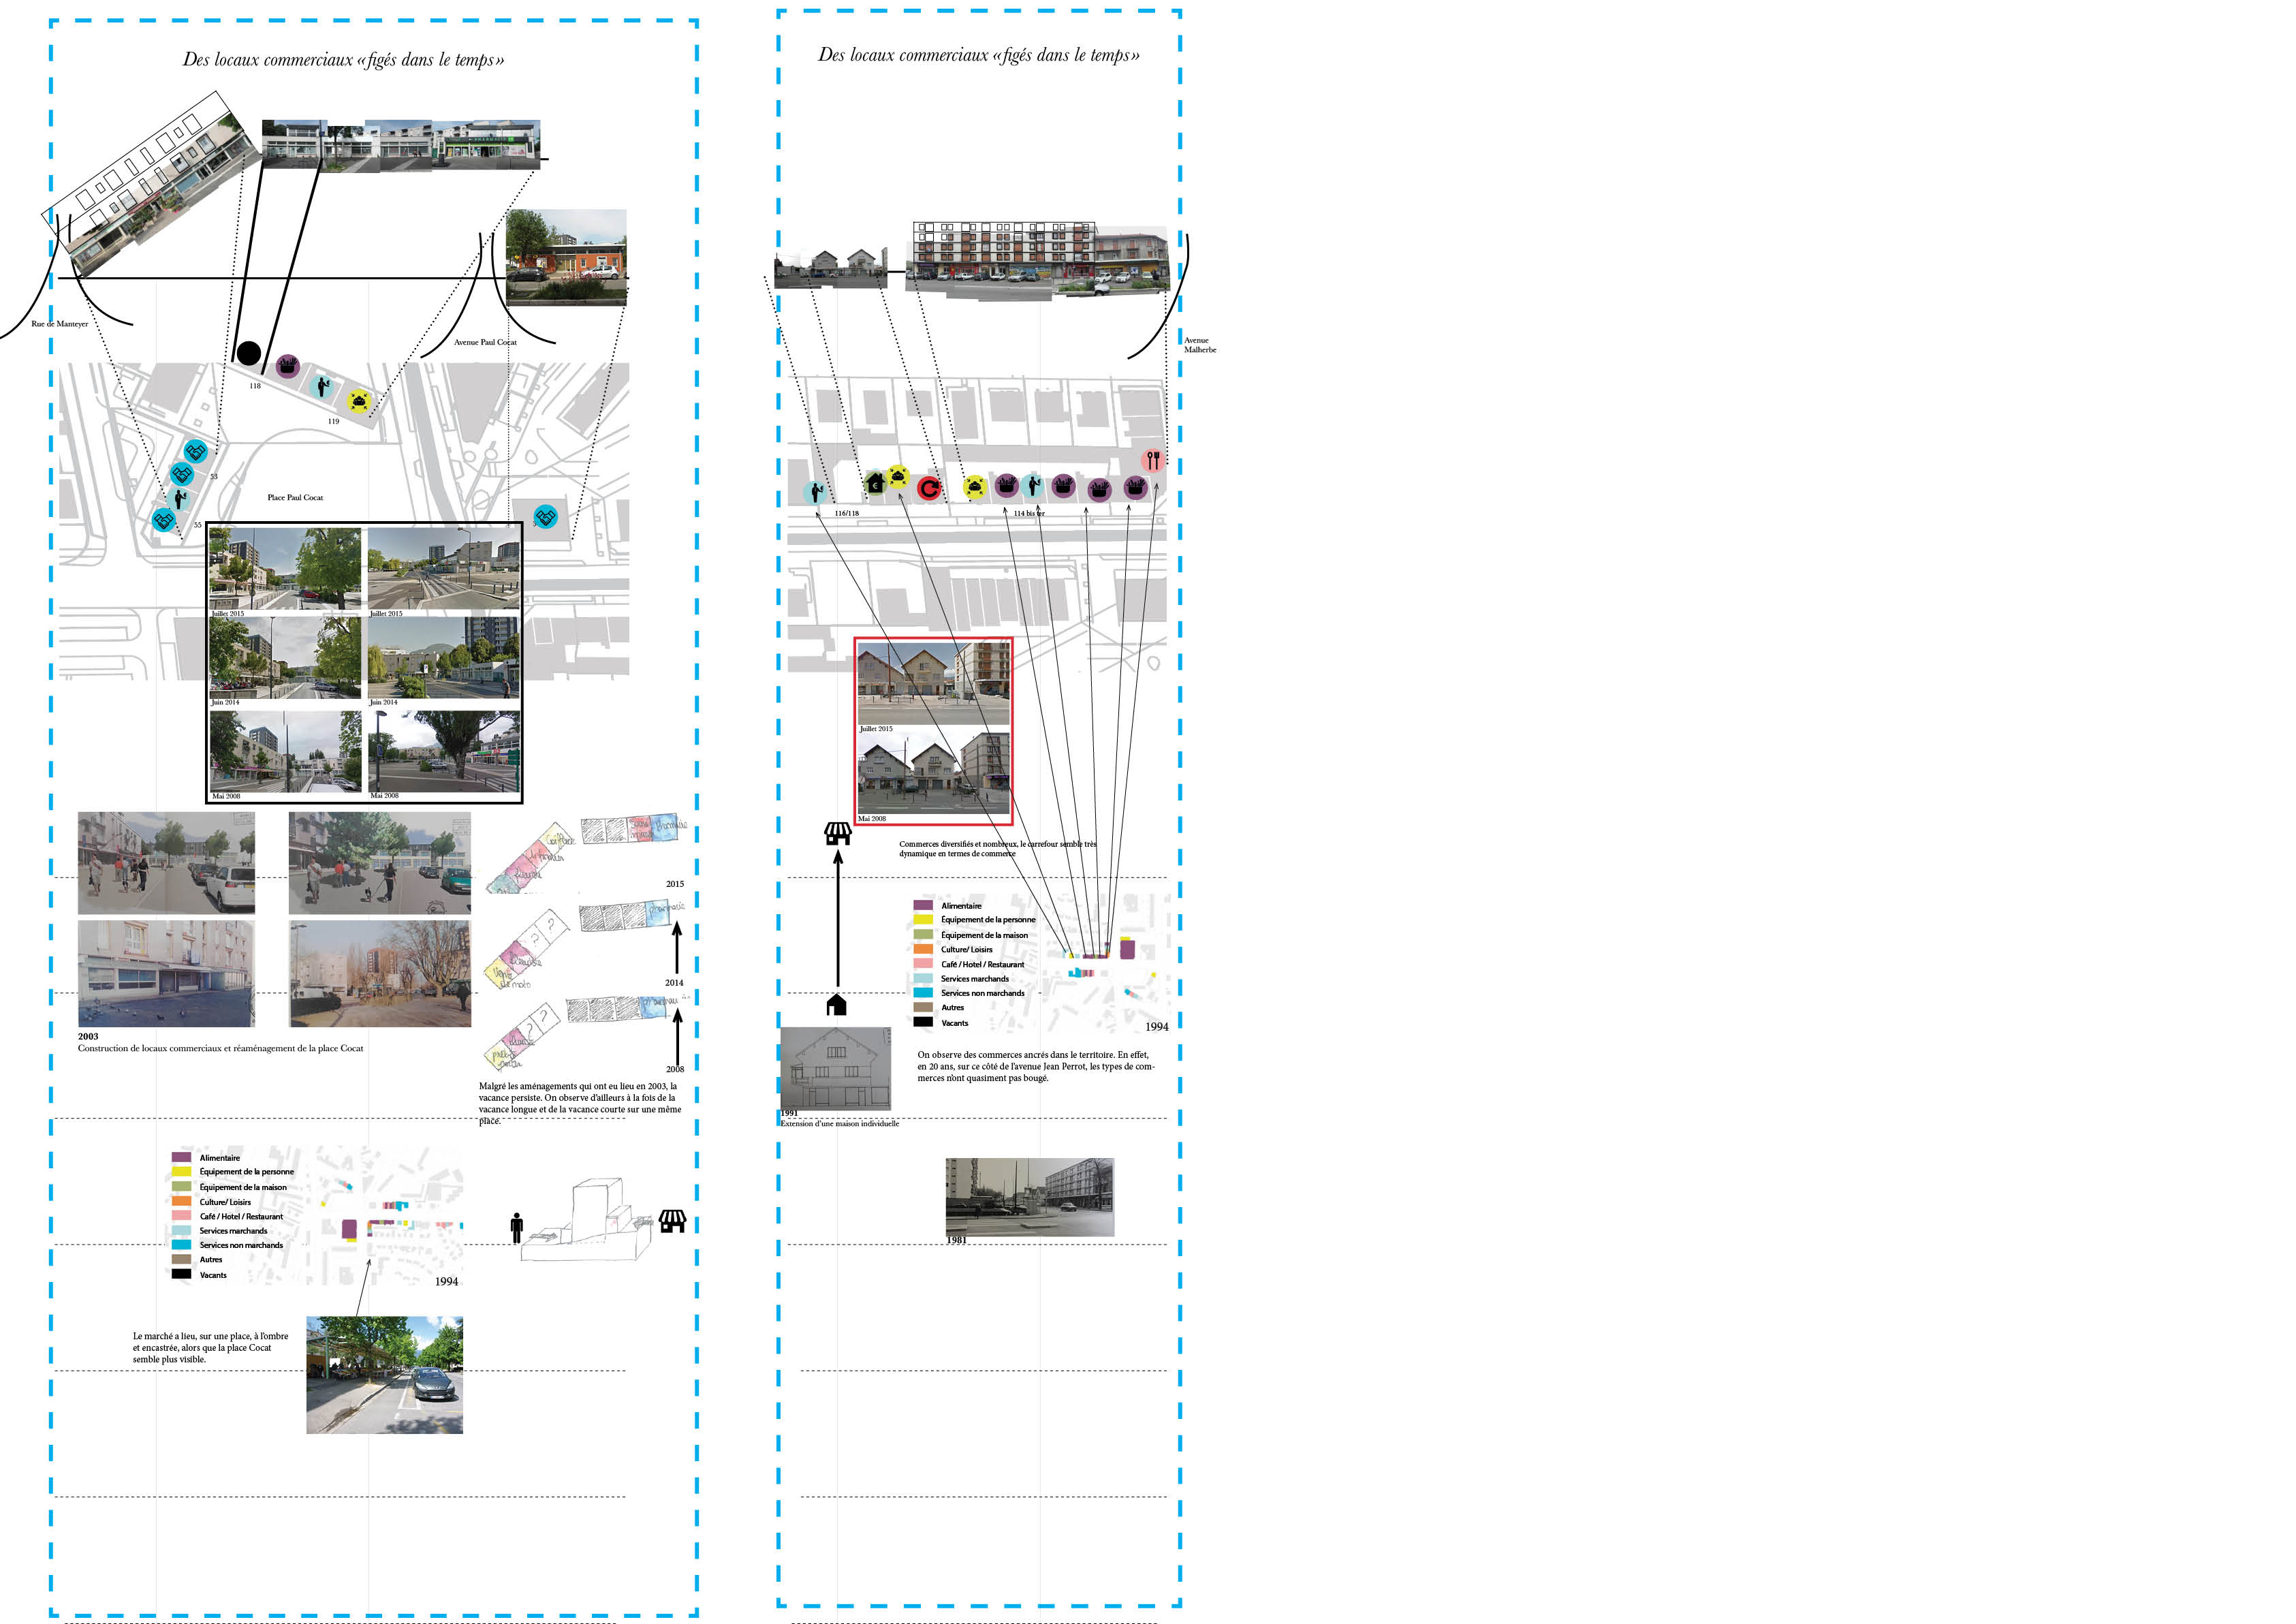 Figure 9 : Des commerces «figés dans le temps» - Elodie Lamothe – sources : cadastre.gouv.fr, Archives de Grenoble et Google Map